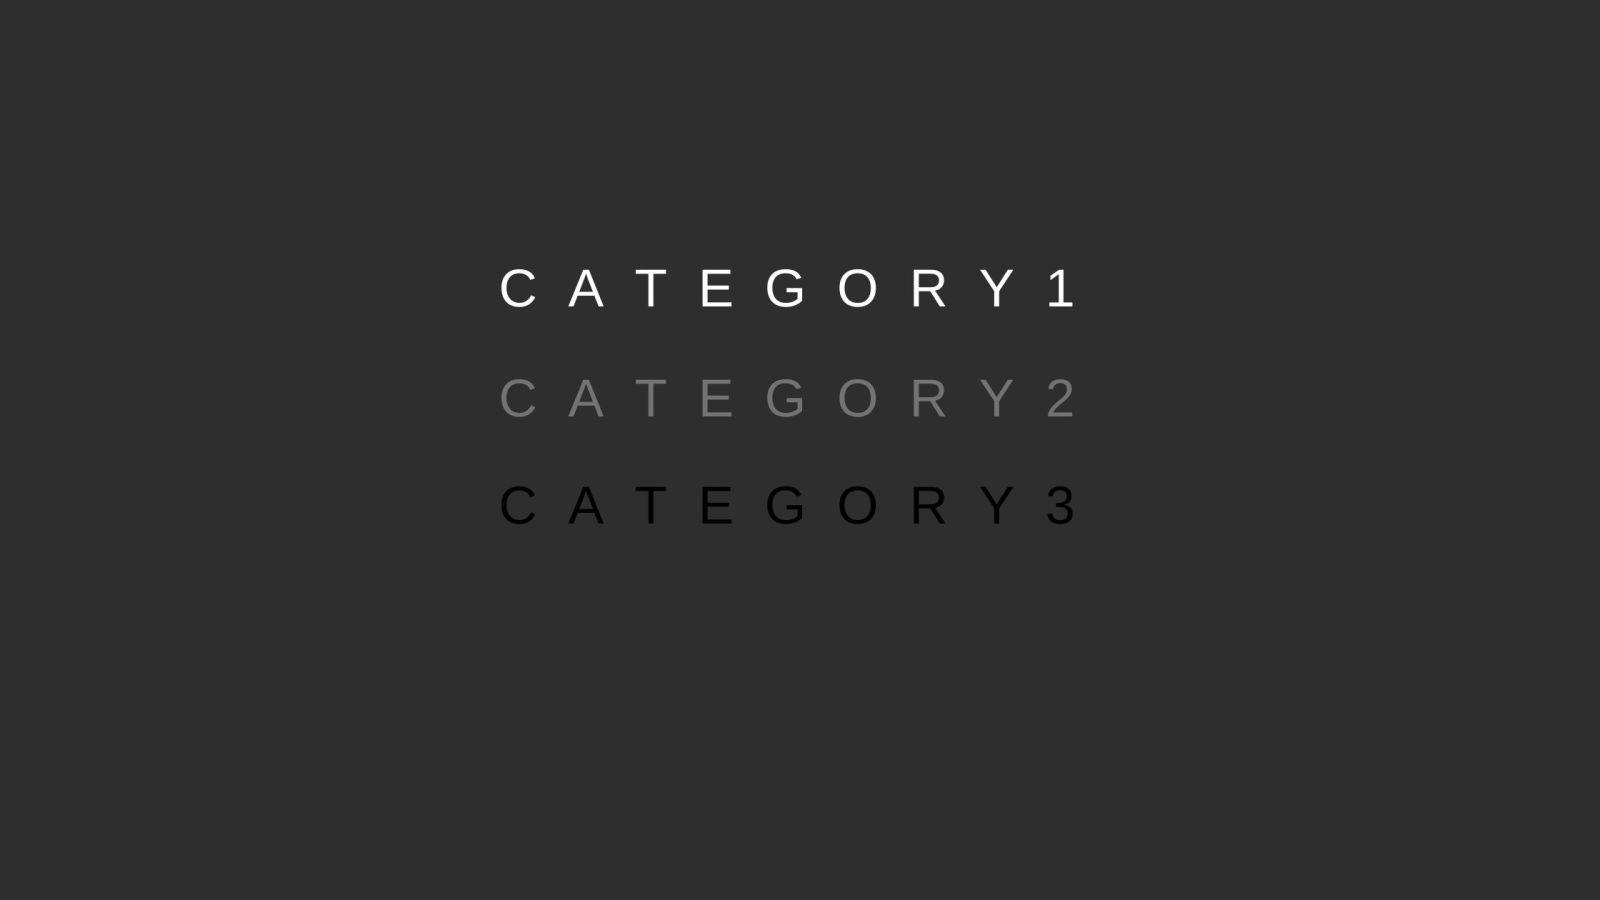 Удалить некоторые категории с главной страницы WordPress